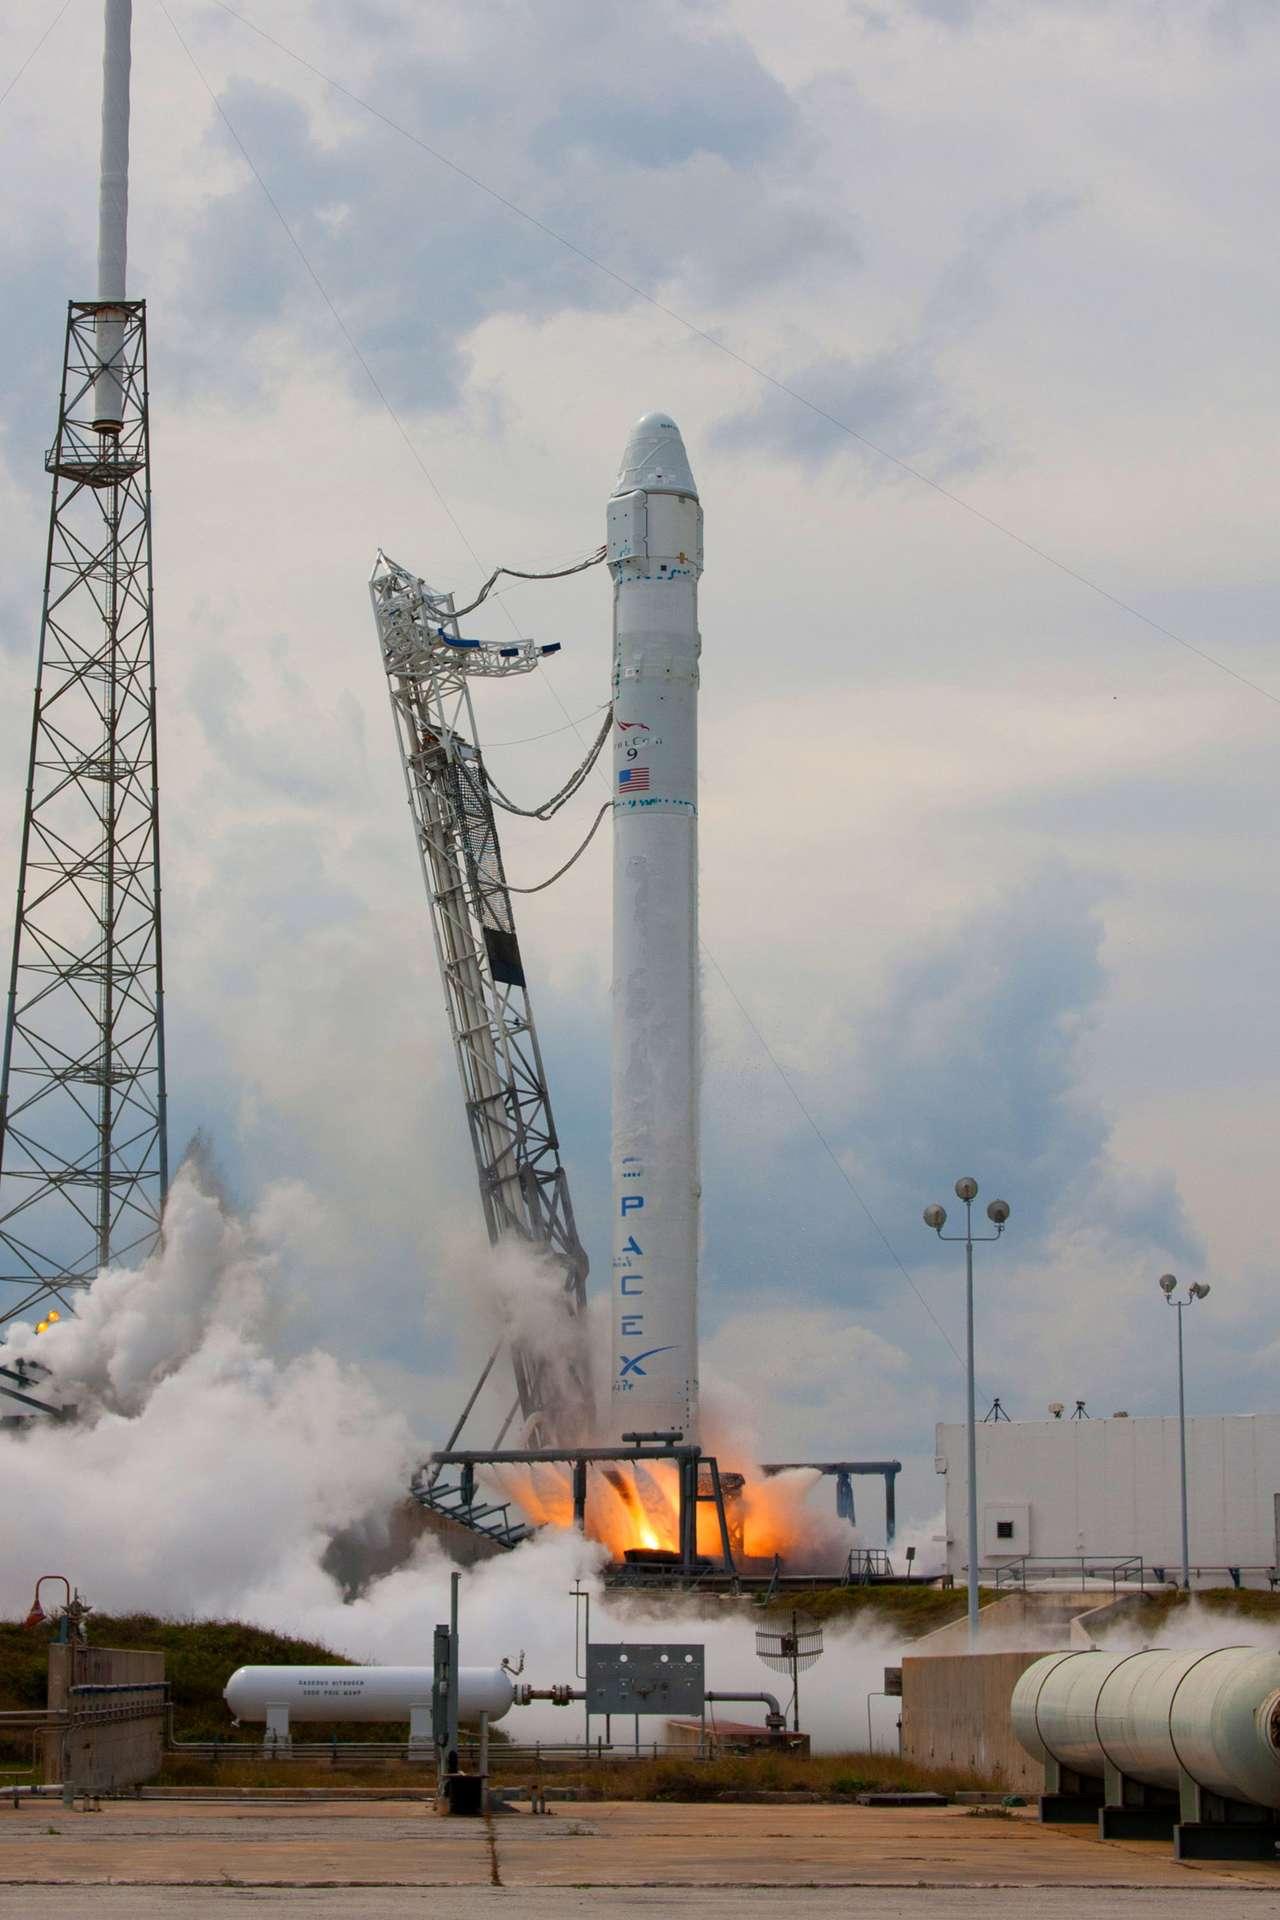 Le 25 février dernier, le lanceur Falcon-9 a été soumis à un essai statique, au cours duquel les neuf moteurs ont été mis à feu pleine puissance durant deux secondes. © SpaceX